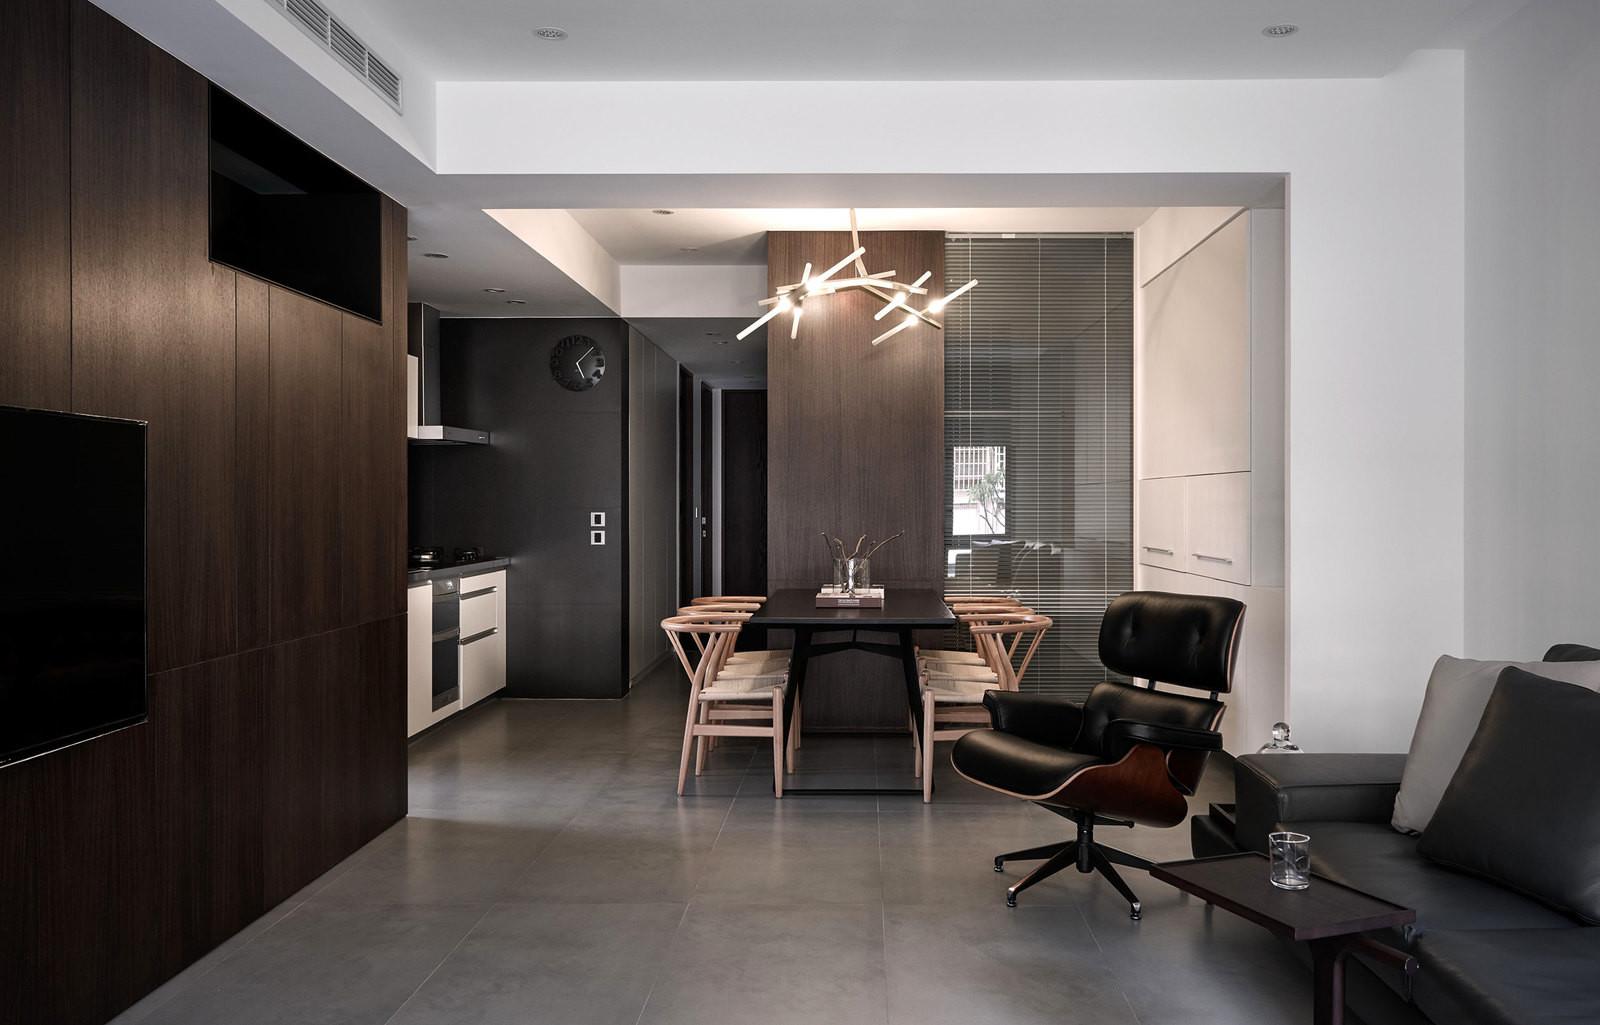 etaj-ot-kashta-s-moderen-i-prostoren-interioren-dizain-120-1g